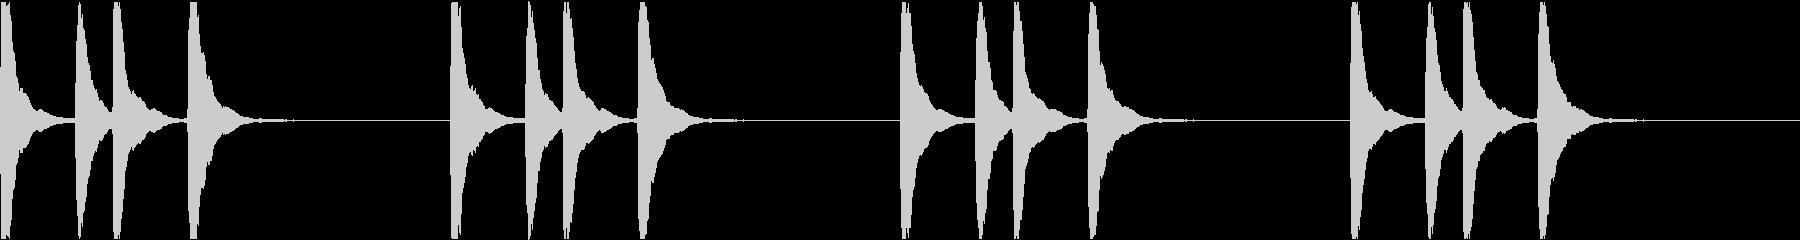 シンプル ベル 着信音 チャイム C-7の未再生の波形